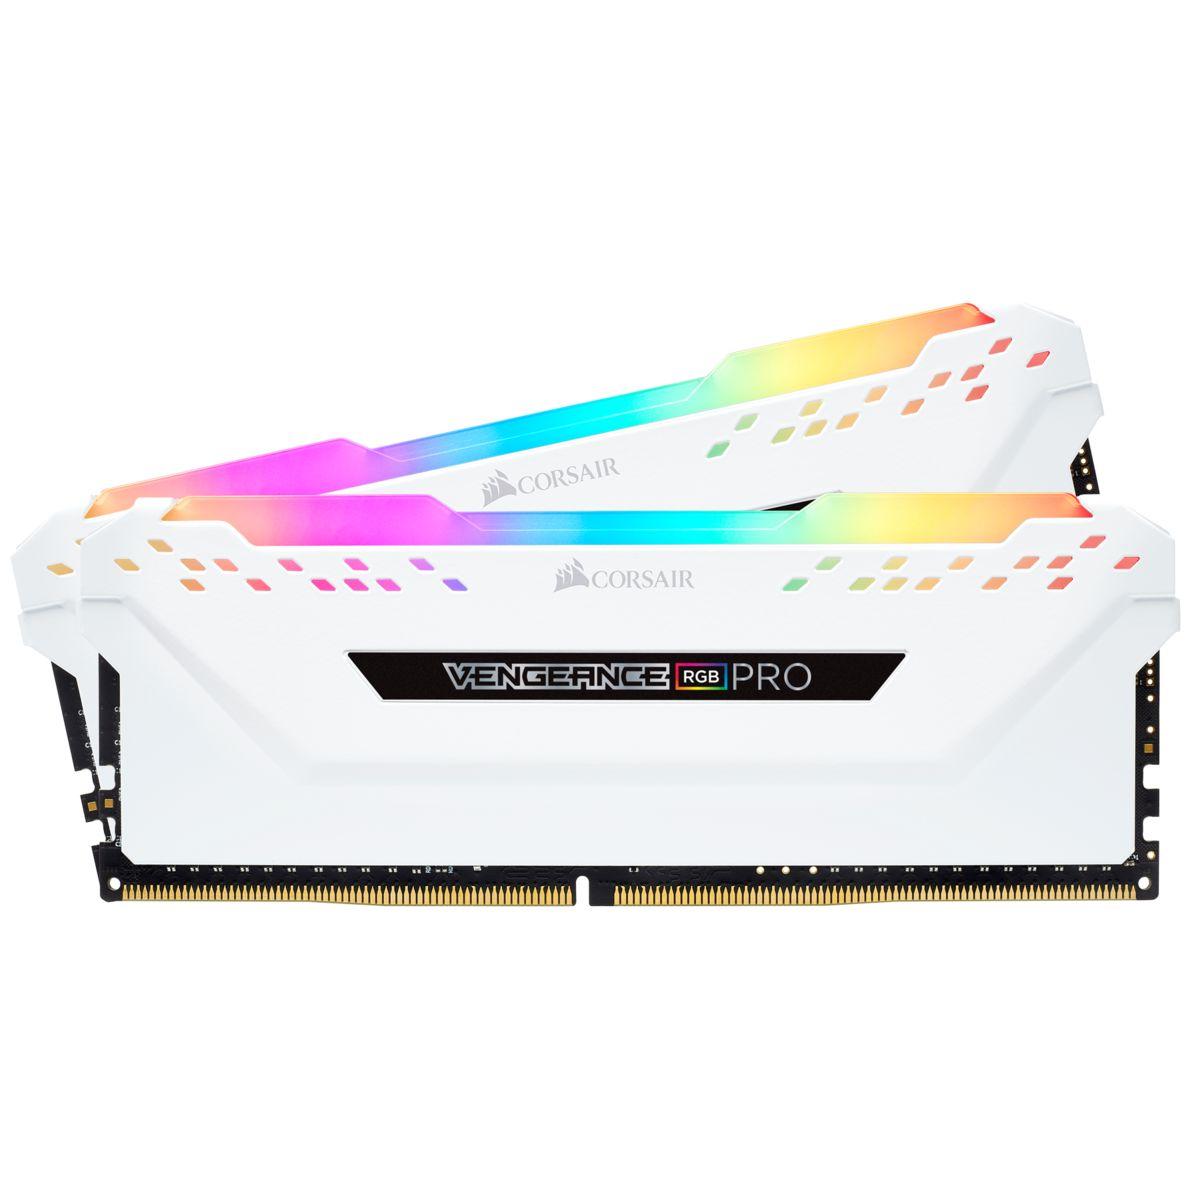 Corsair Vengeance RGB PRO weiß RAM Kit - 2x 16 GB = 32 GB - DDR4-3200 CL16-18-18-36